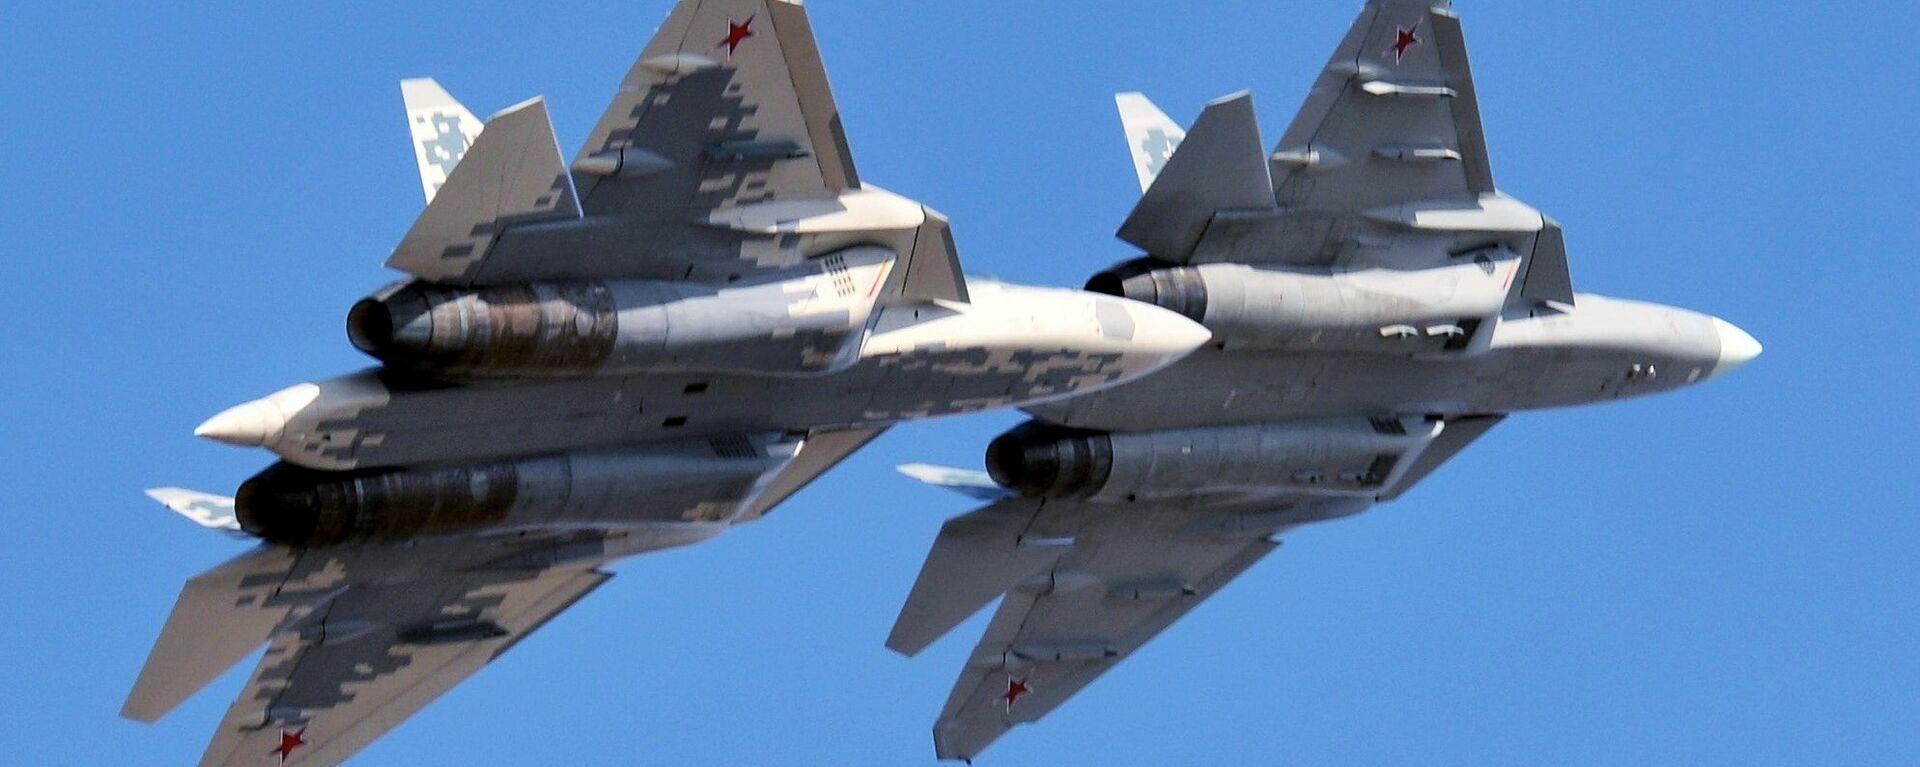 Многофункциональные истребители пятого поколения Су-57 - Sputnik Узбекистан, 1920, 21.01.2021